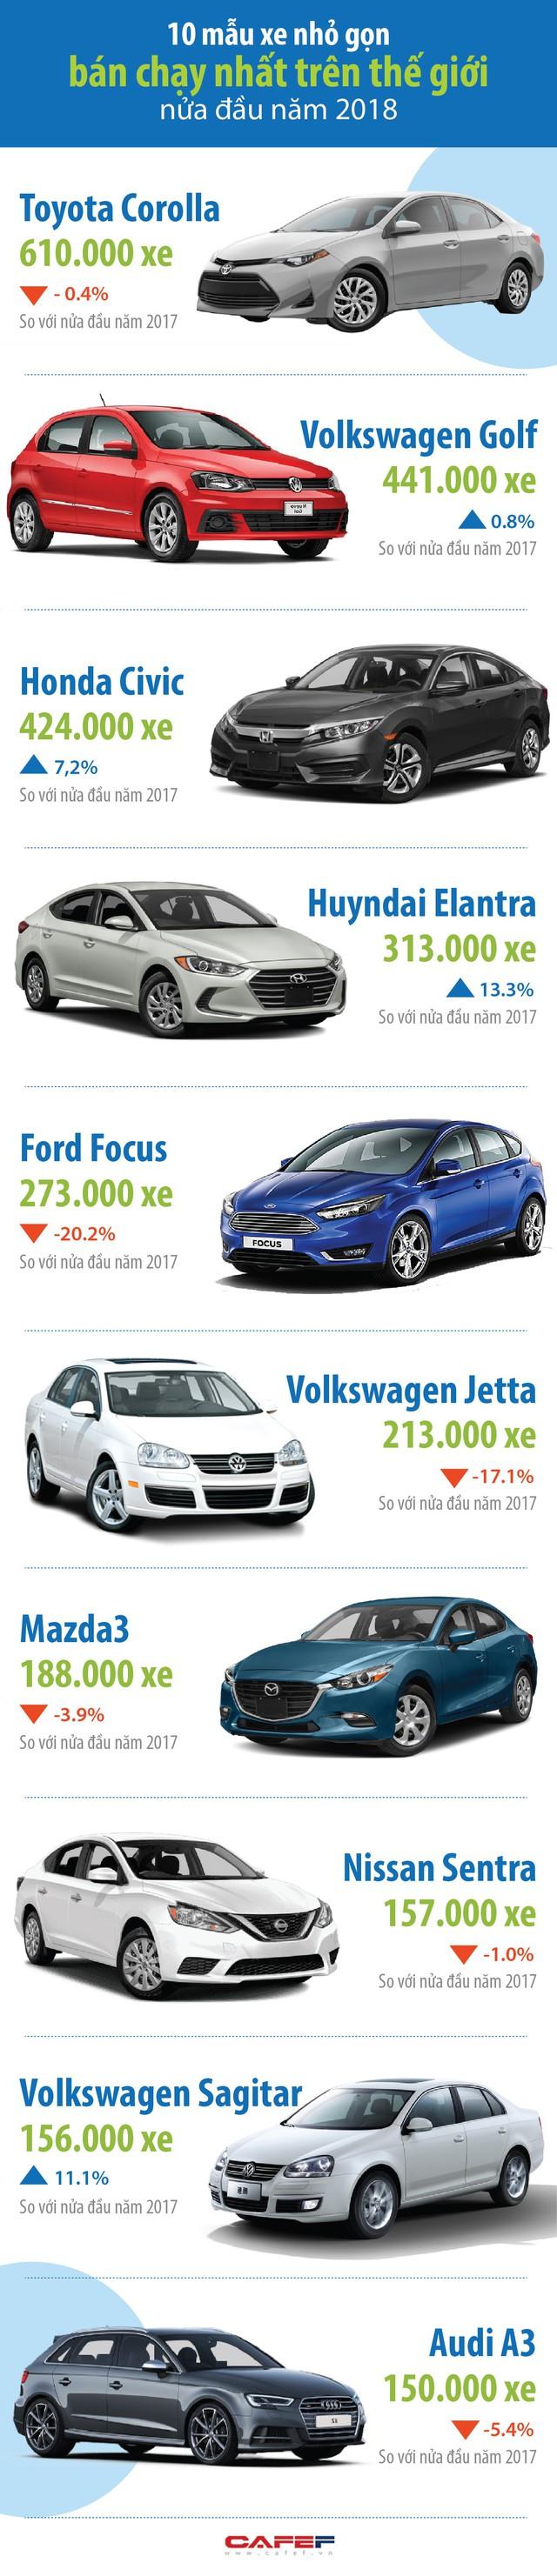 Điểm danh 10 mẫu xe nhỏ gọn bán chạy nhất thế giới những tháng đầu năm 2018 - Ảnh 1.